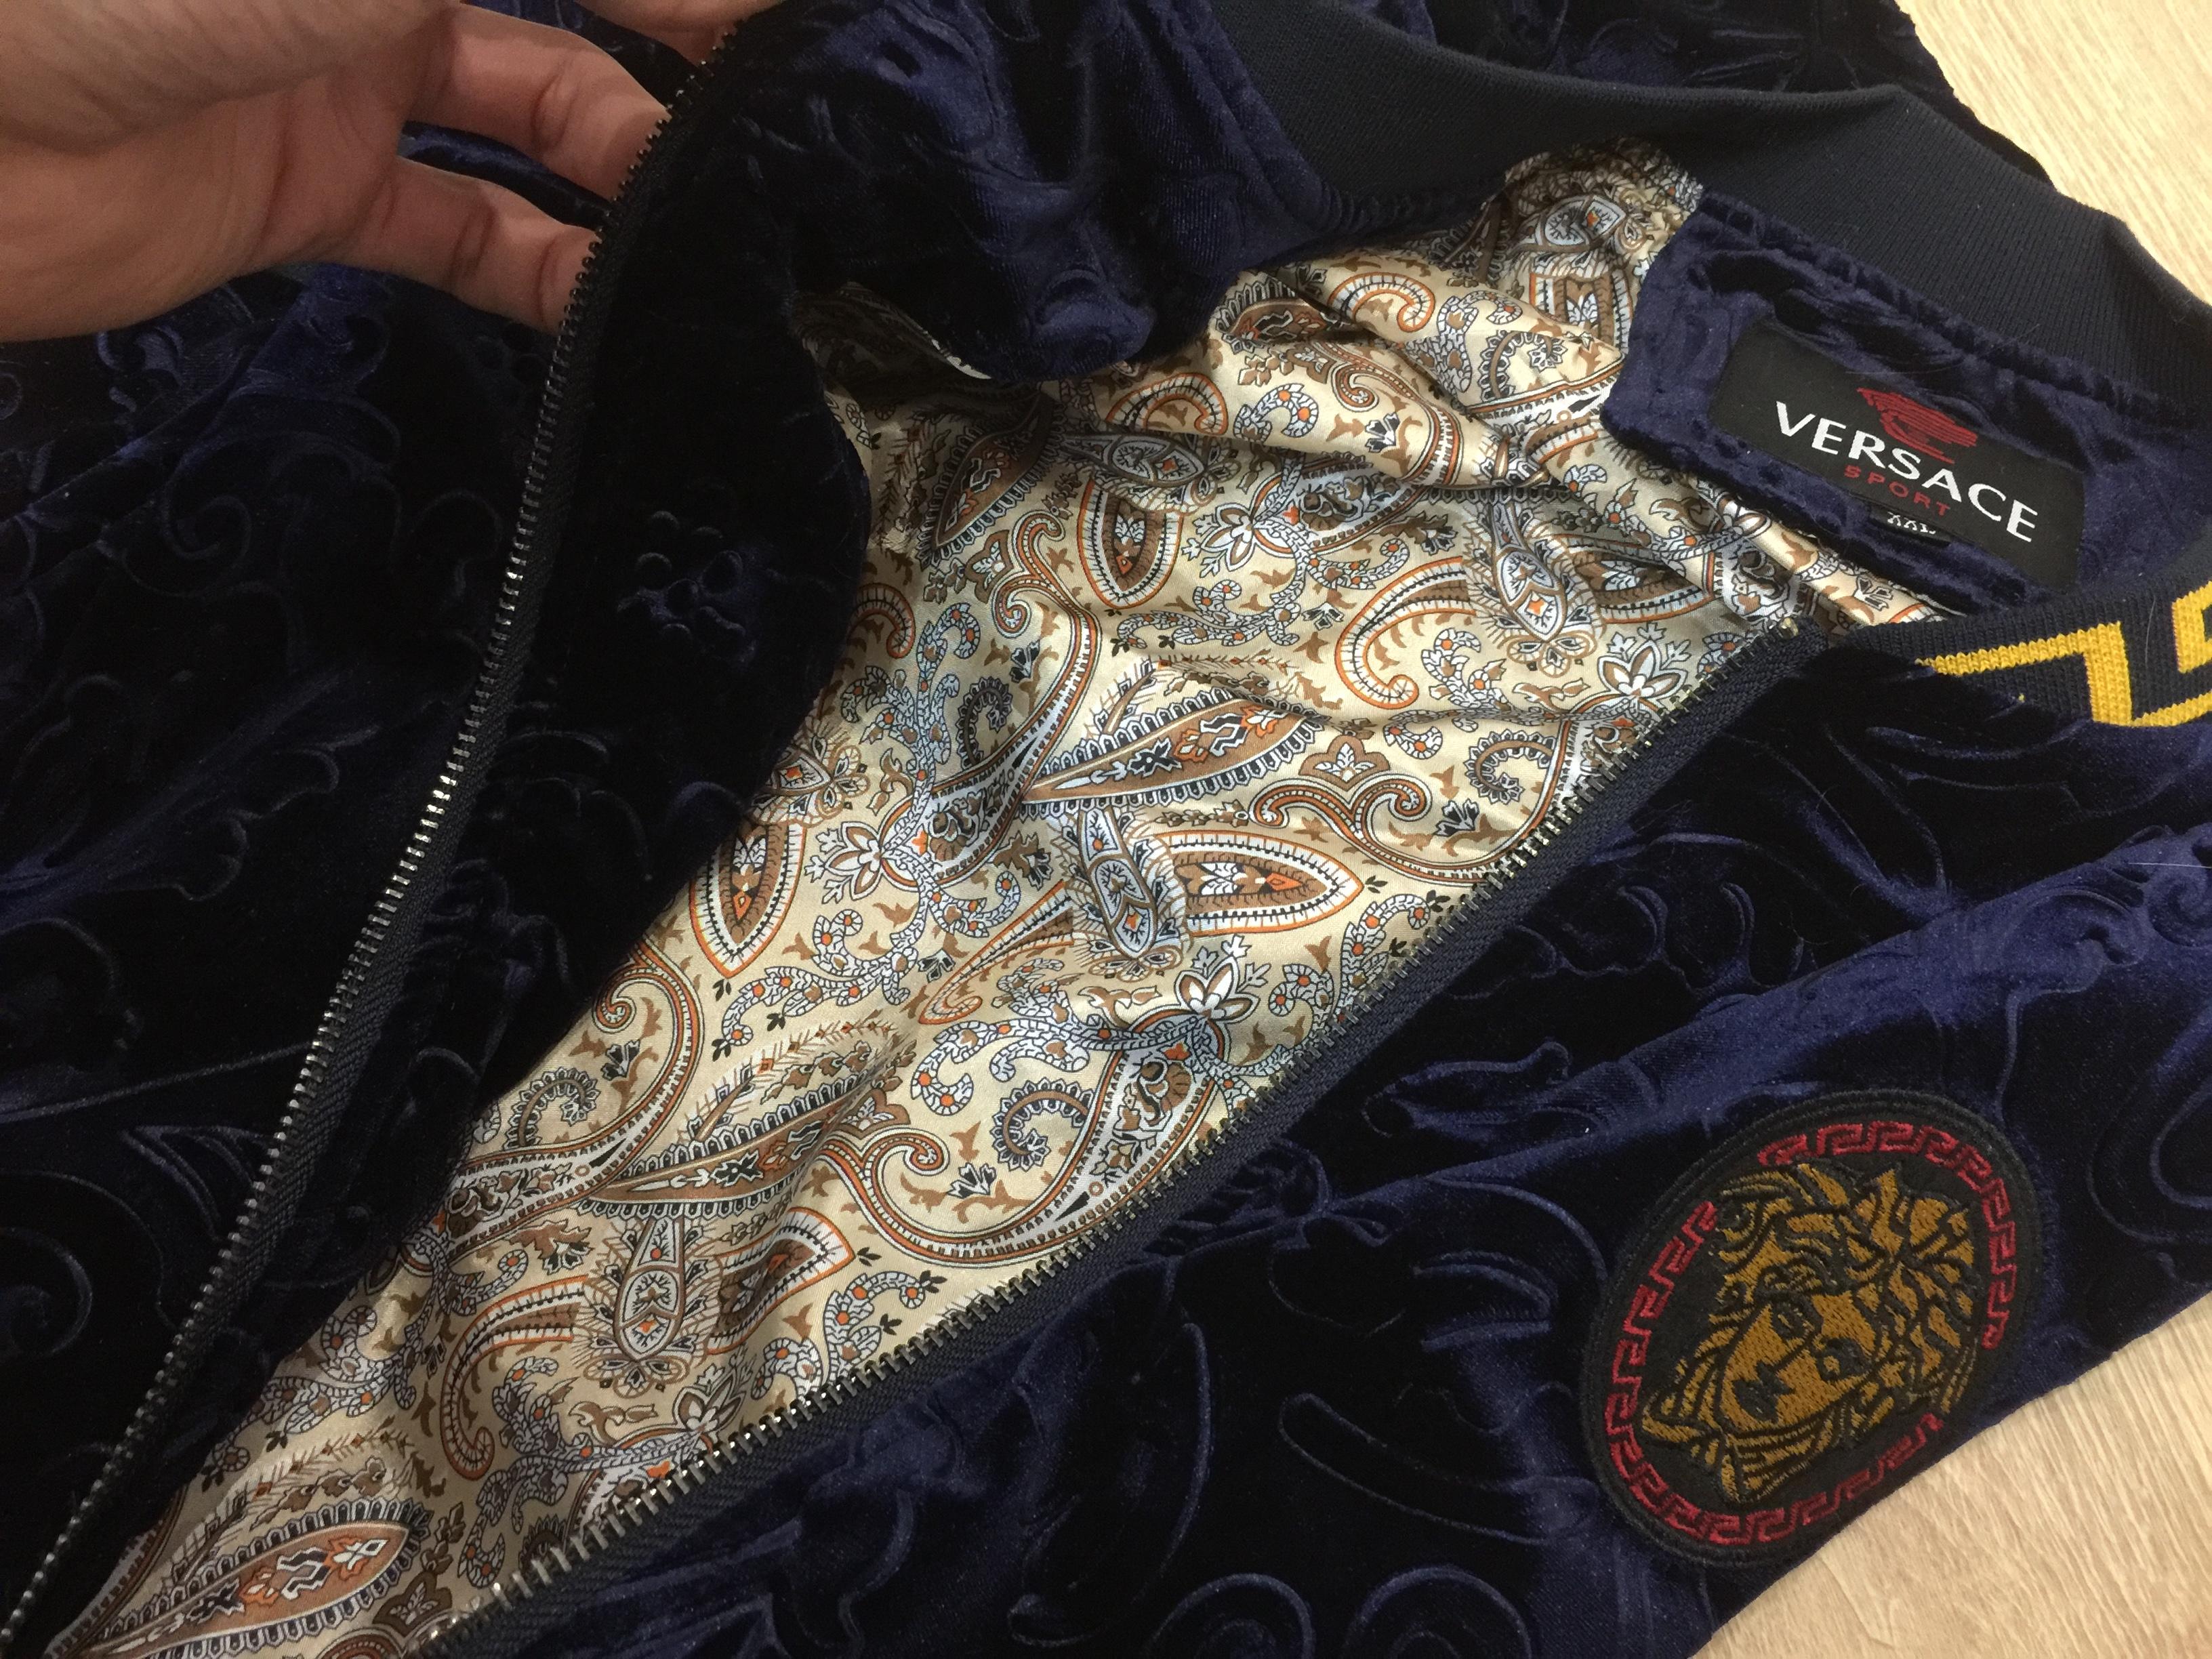 Внутренний подклад мужского спортивного костюма Версаче